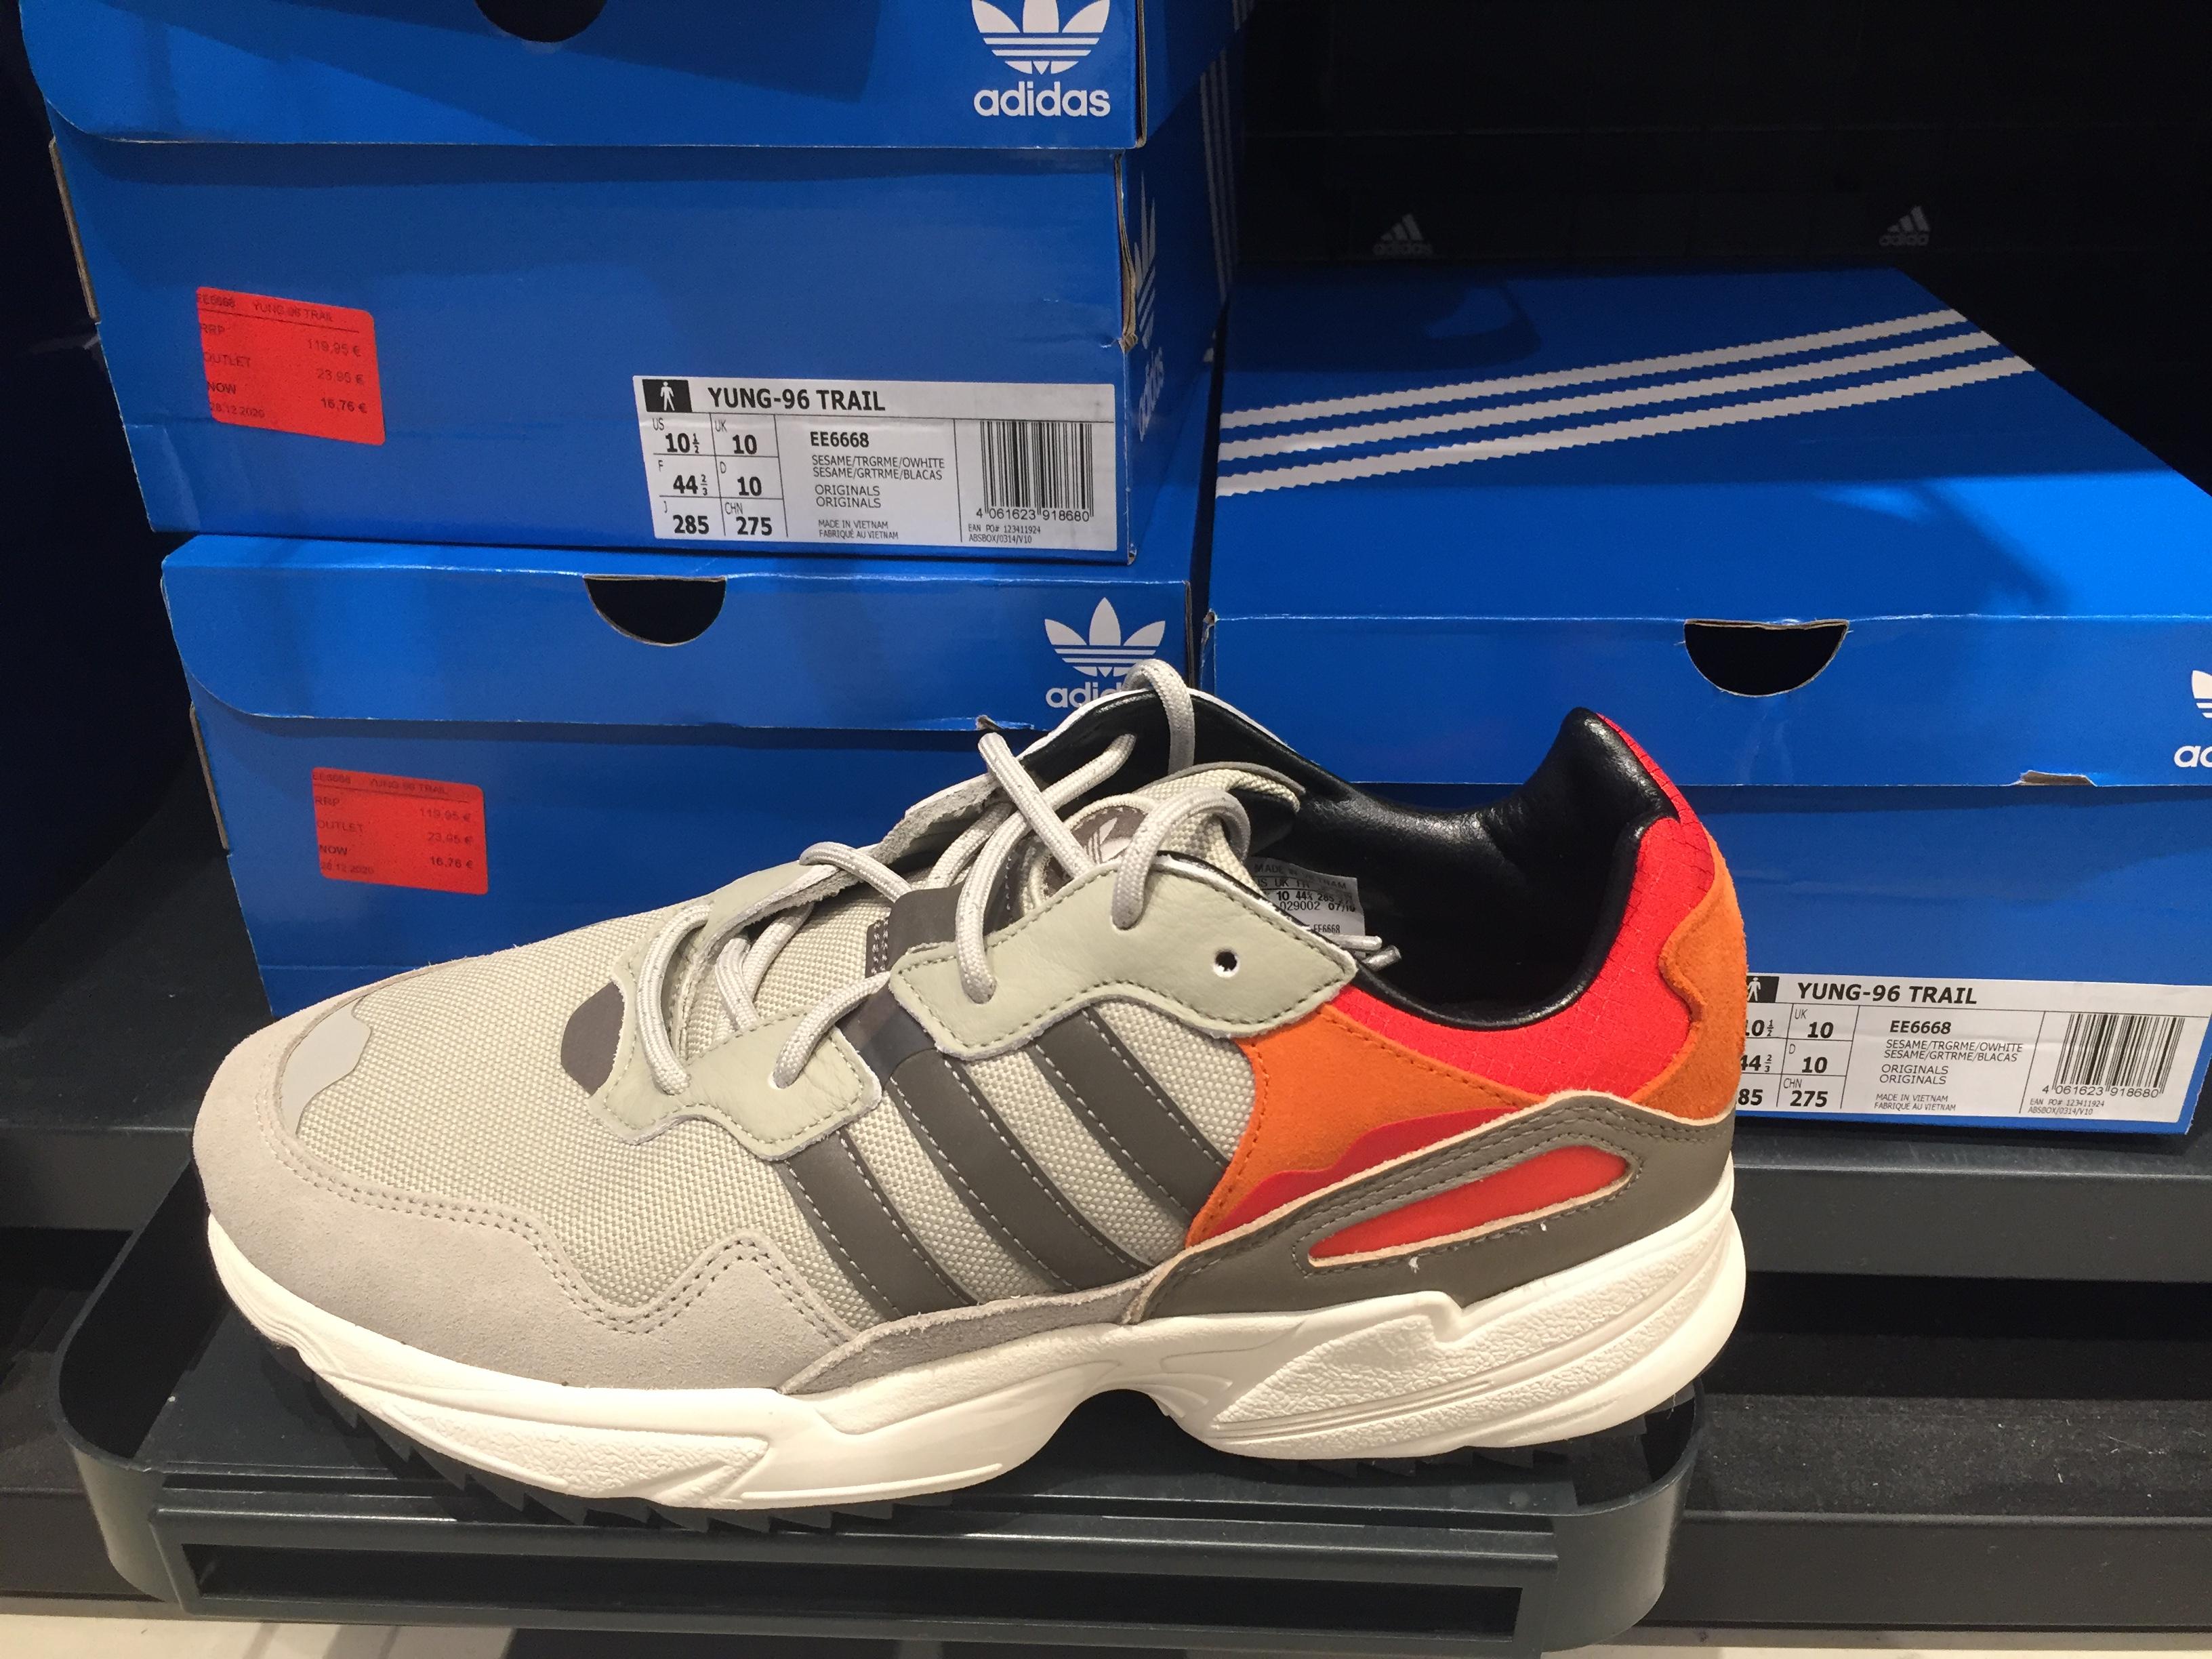 Aumentar cualquier cosa Humanista  Adidas Yung-96 Trail por 16,76€ Y Centro comercial Mcarthur Glen »  Chollometro